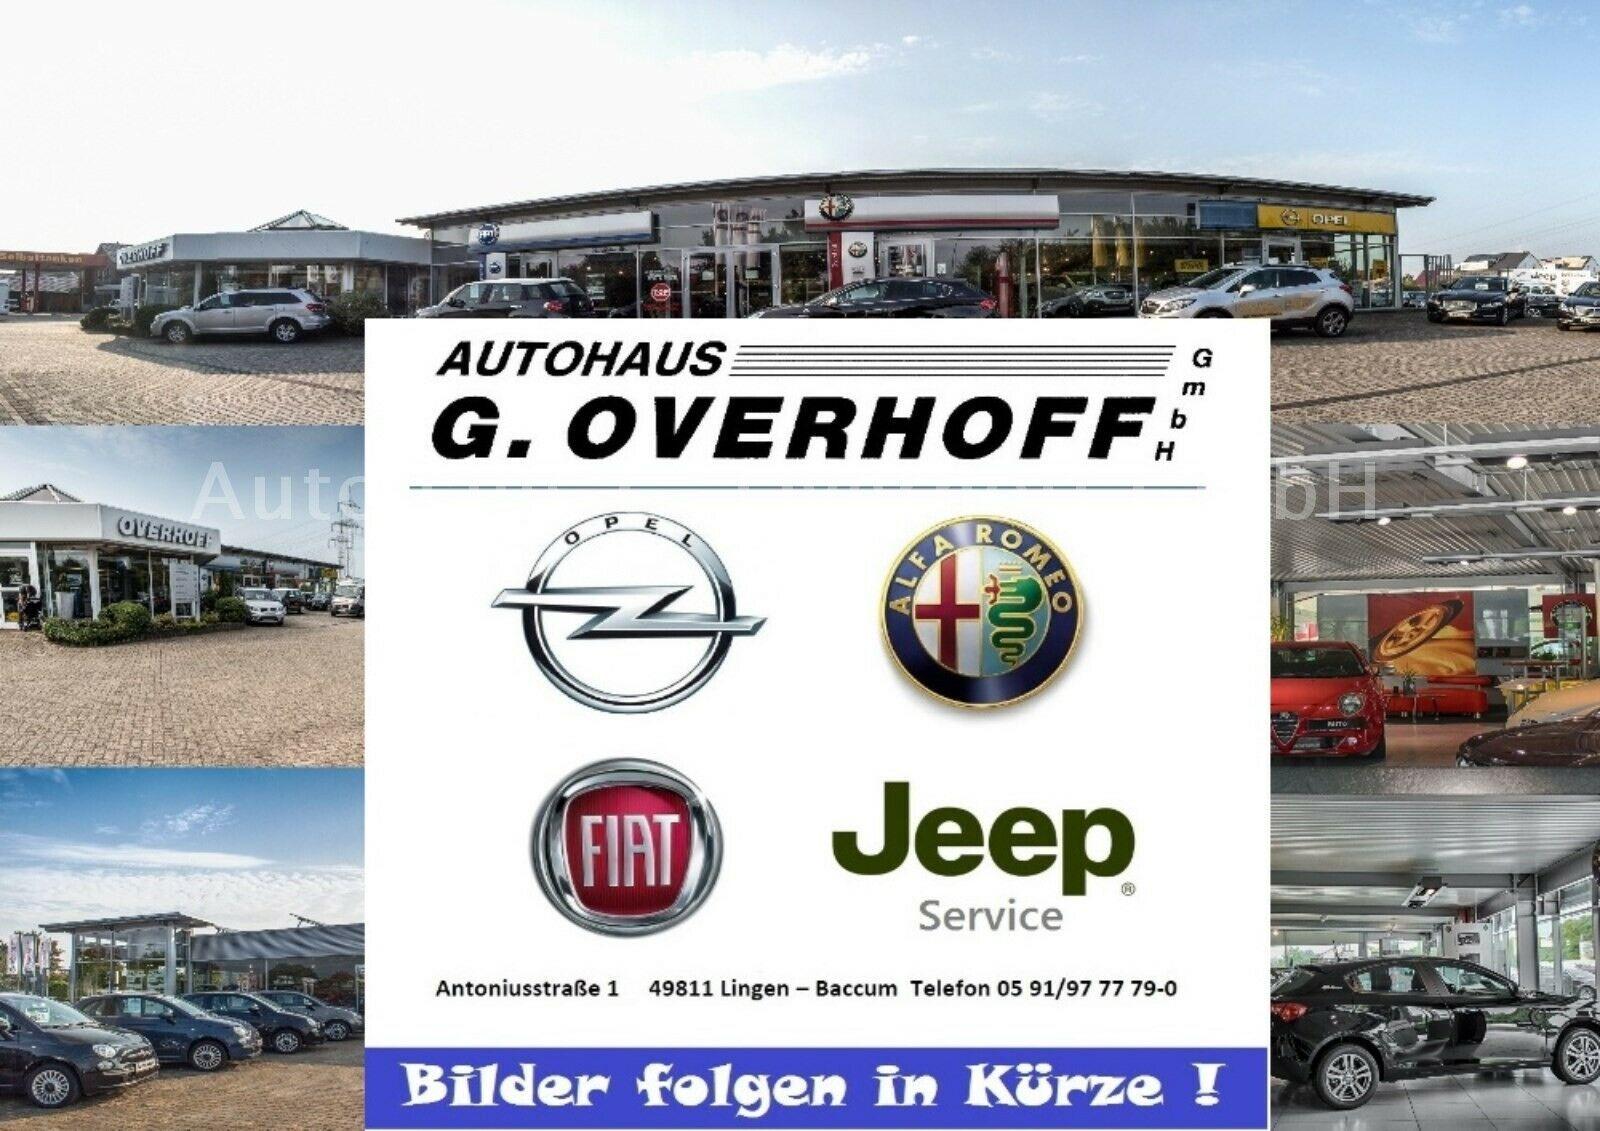 Skoda Citigo 1 0 Ecofuel Cng Active Autohaus Overhoff